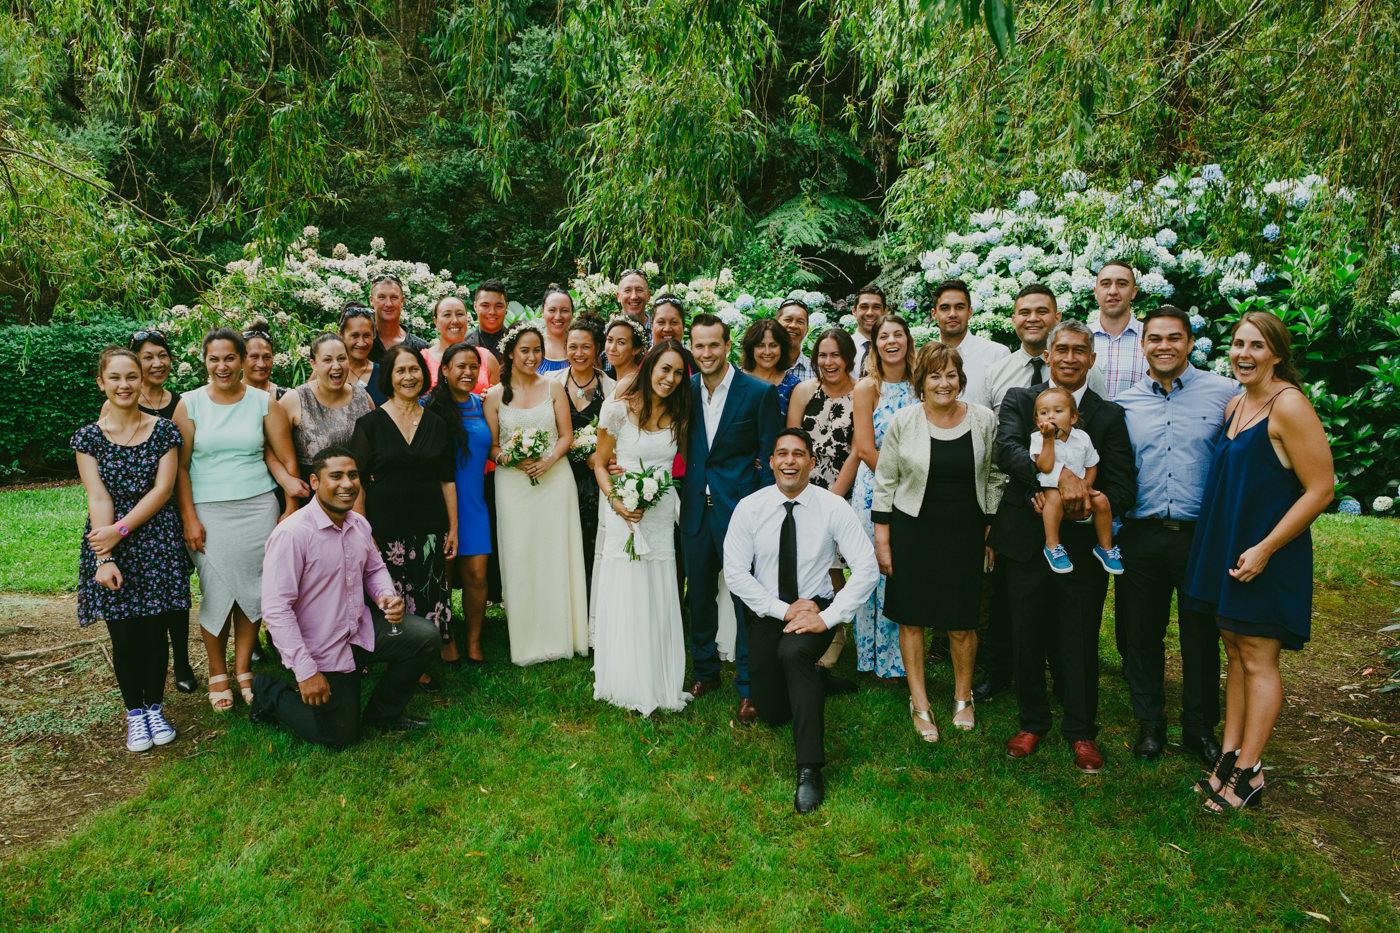 062z_auckland_leigh_wedding_photos.jpg